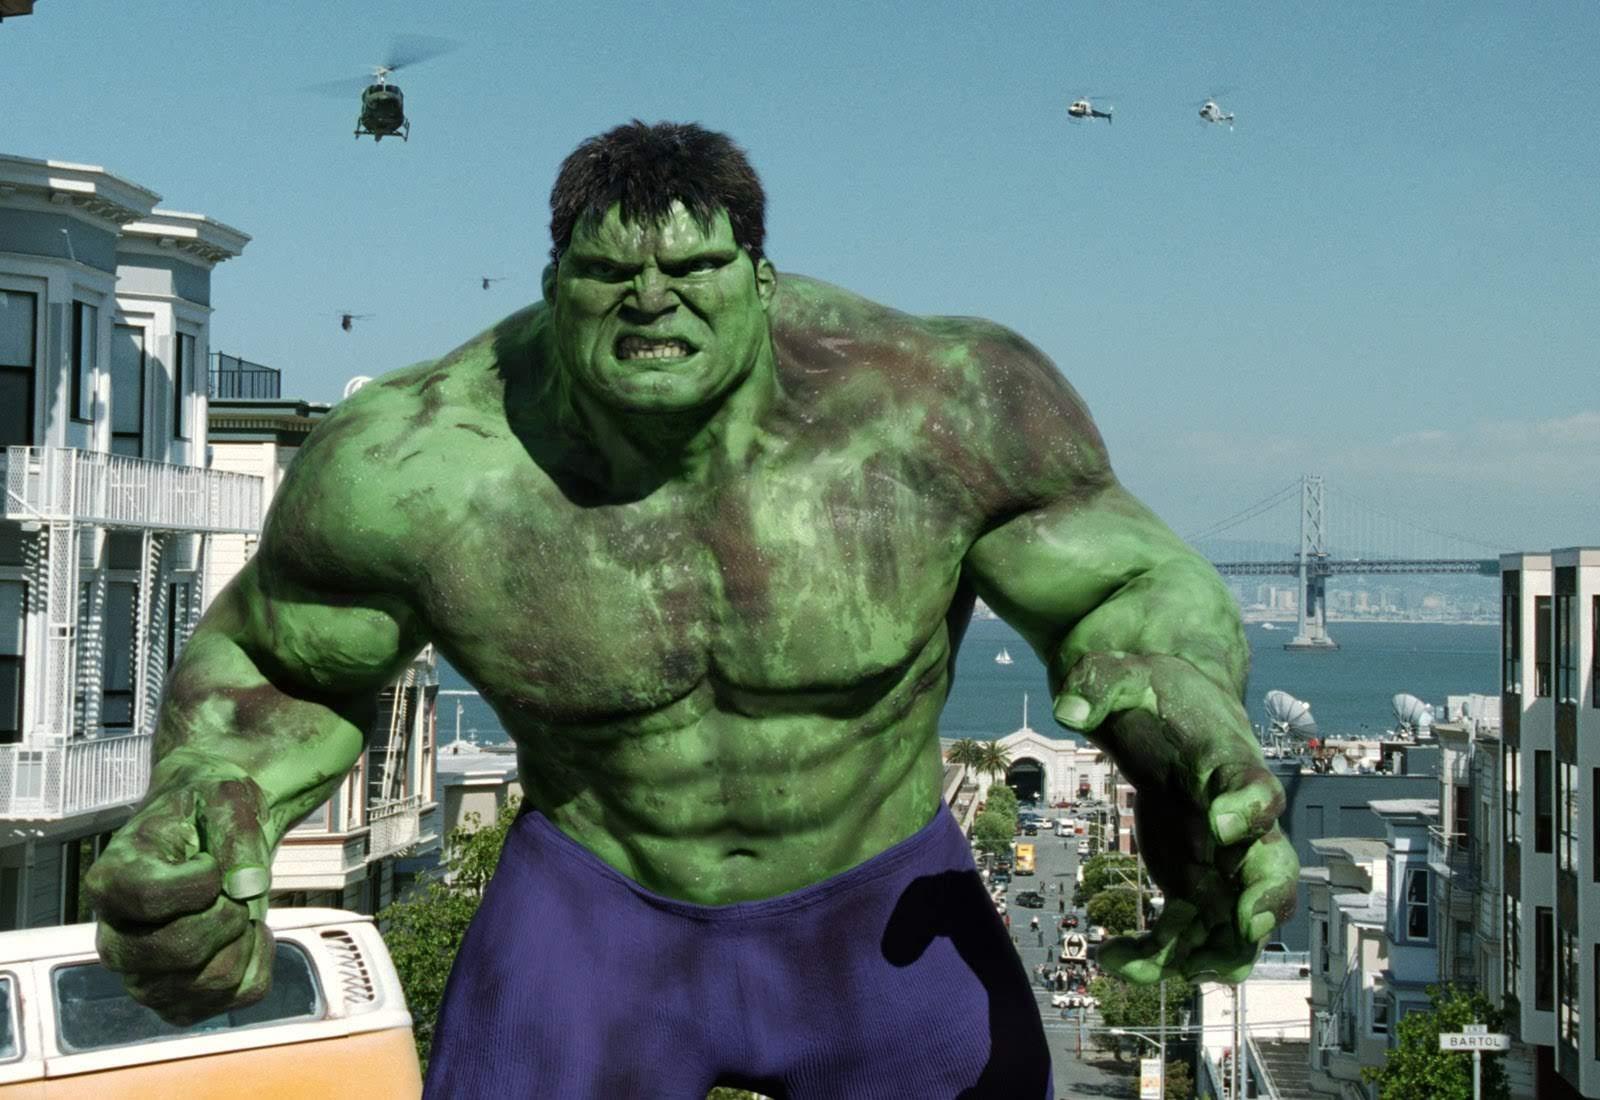 Every Hulk Smash : エリック・バナが変身したミドリのモンスターが大暴れする「ハルク」のアクションの見どころを全部まとめたハルク・スマッシュ総集編の約10分半のビデオをお楽しみください ! !